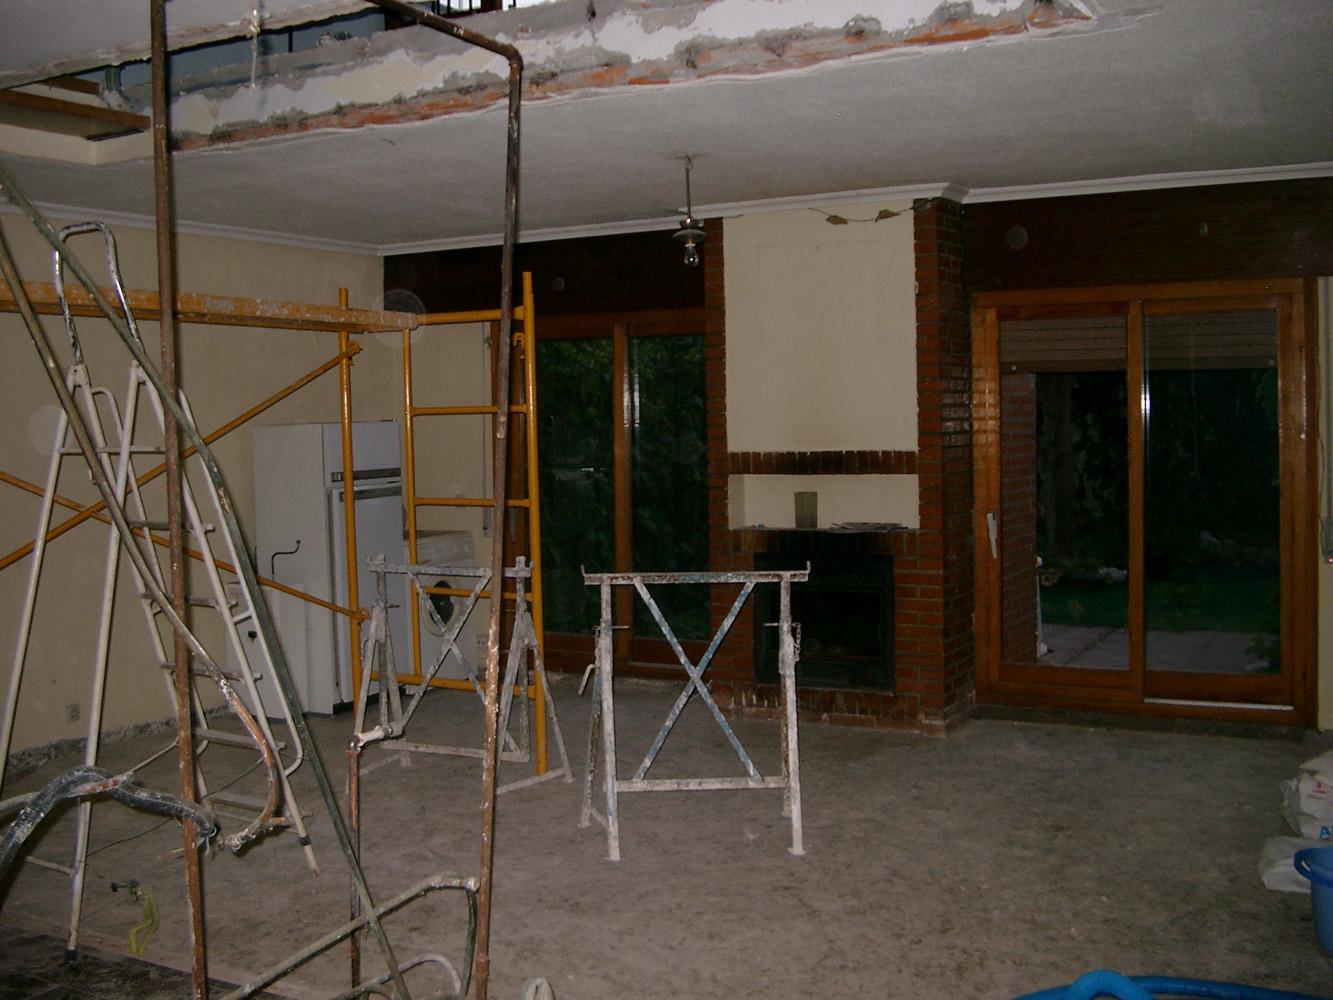 Espacio del salón tras la demolición de la tabiquería previo a la reforma,cubrición del tendedero y cierre del paso entre garaje y vivienda